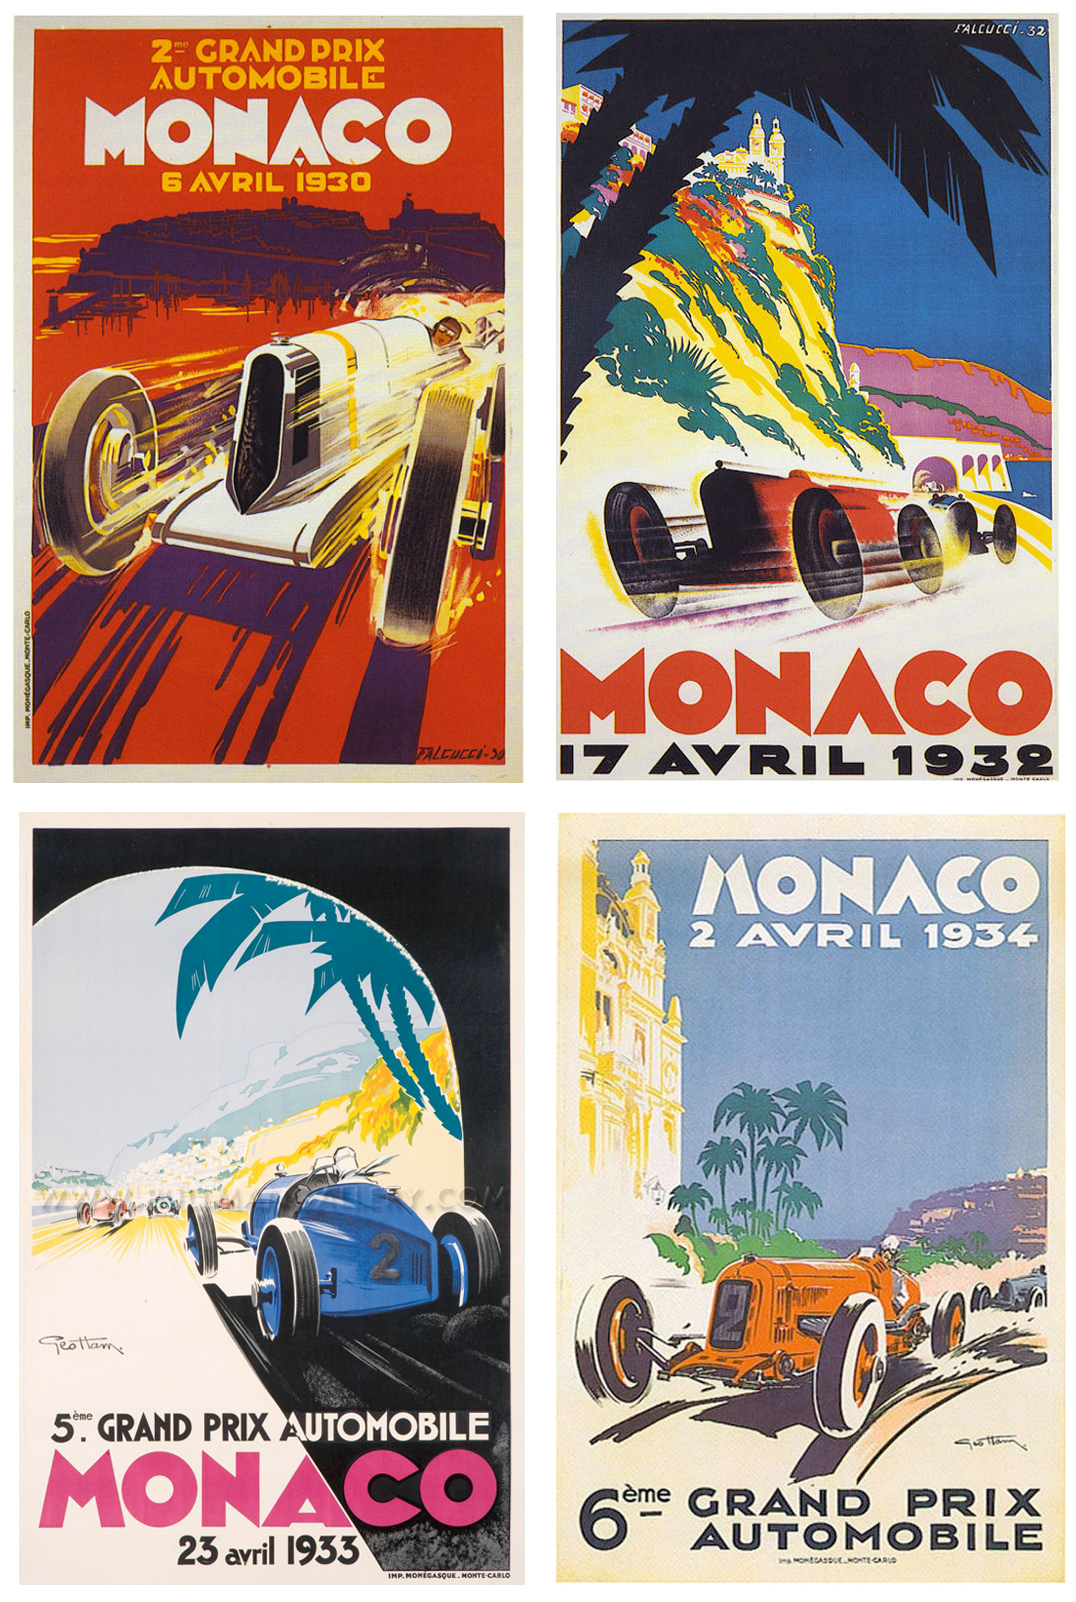 1930-34 :: Monaco Grand Prix Posters :: Pullman Gallery